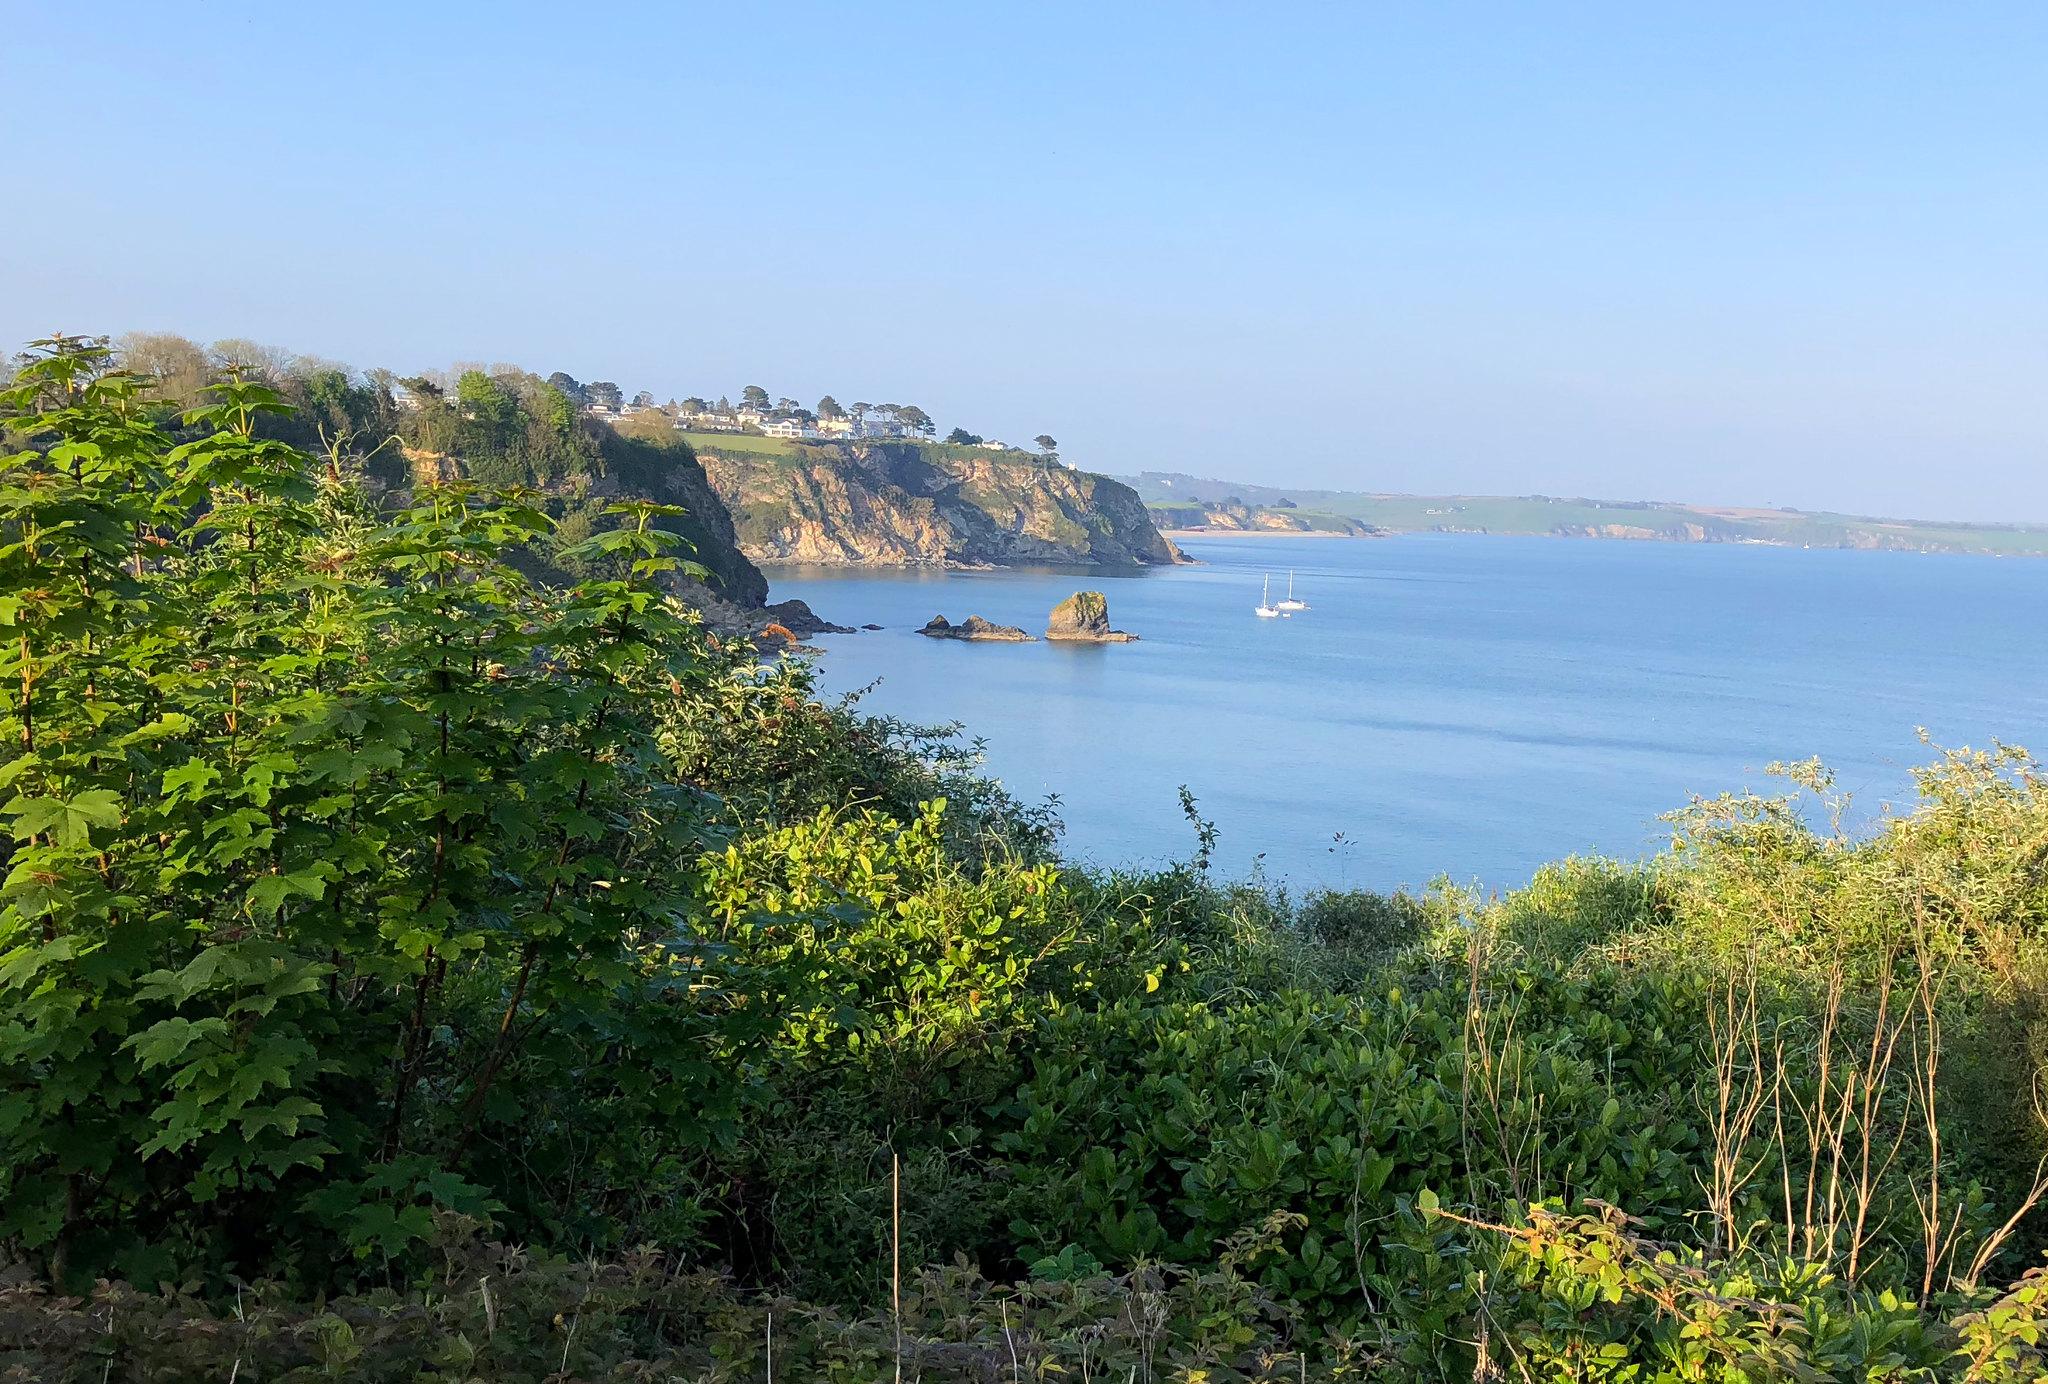 Qué ver en Cornwall, Cornualles - thewotme qué ver en cornwall - 48838131706 e8b620da66 k - Qué ver en Cornwall: ruta de 3 días